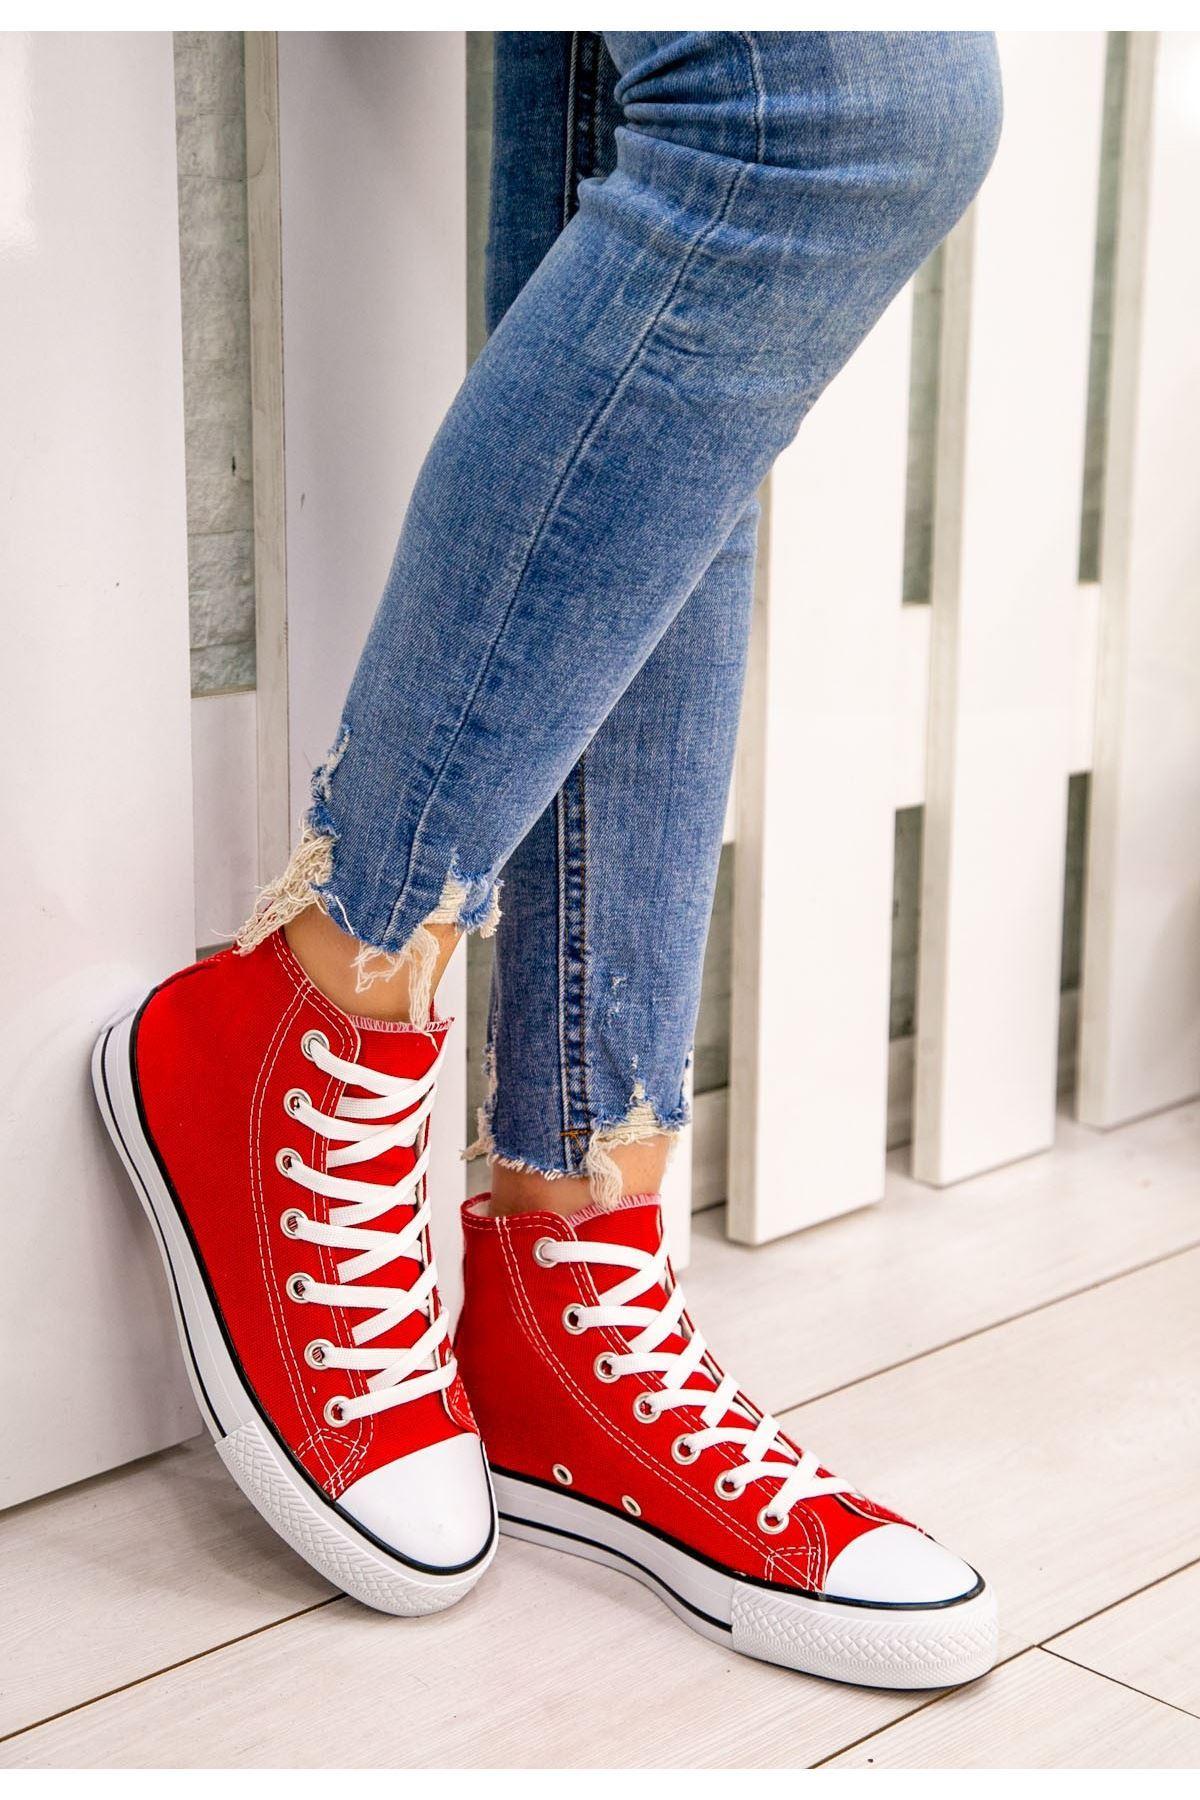 Kori Kırmızı Keten Bot Spor Ayakkabı